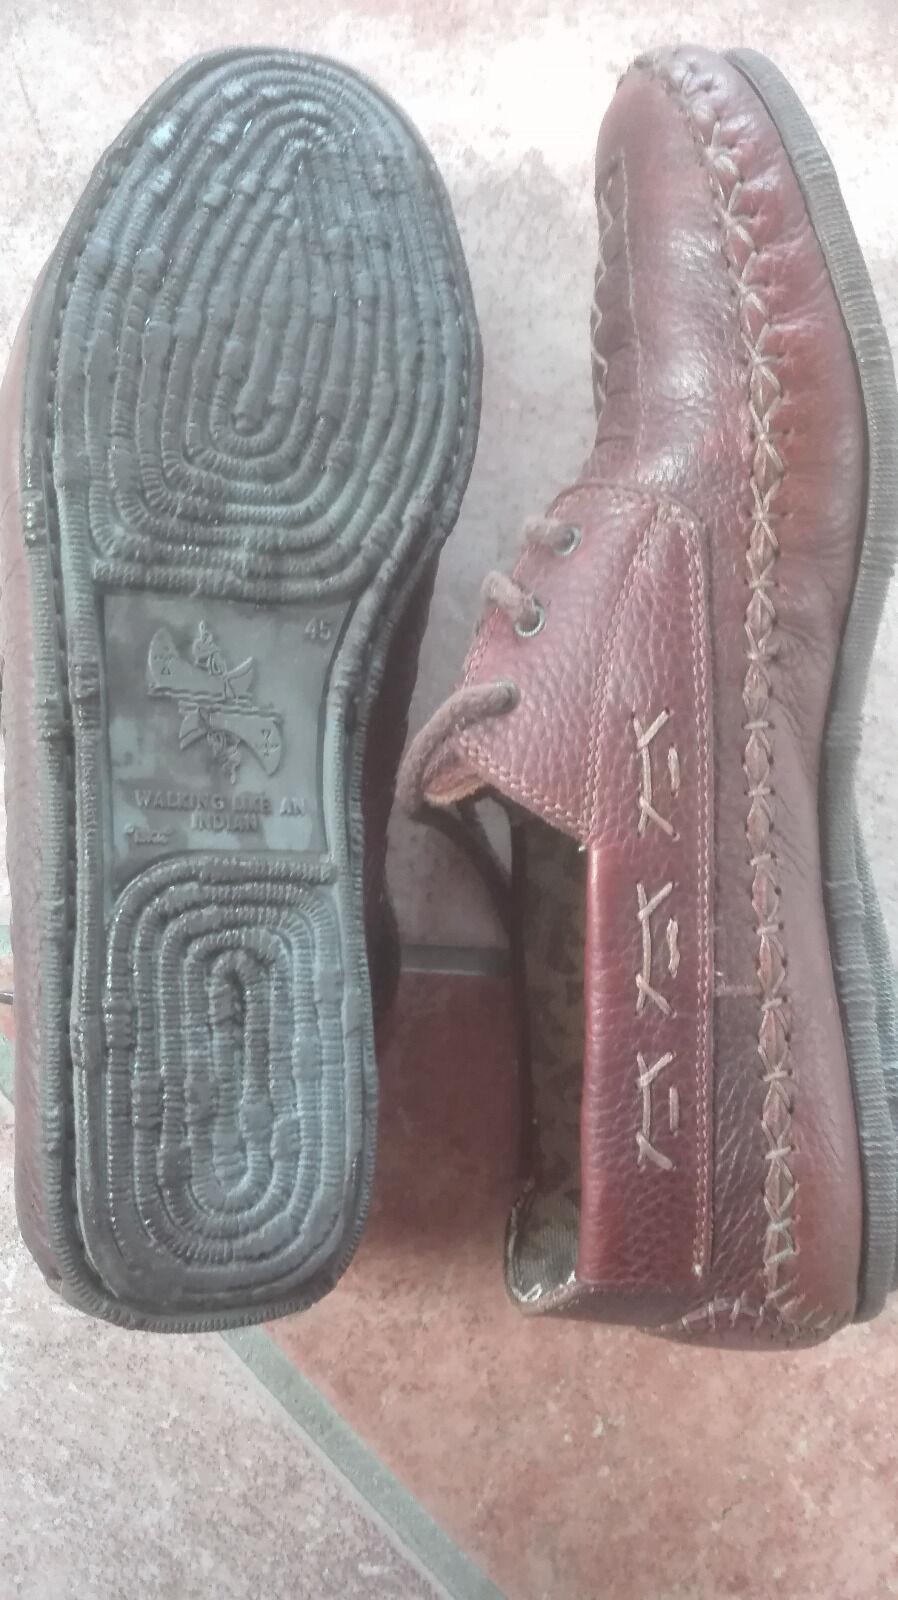 Haugh Leder-Schuhe- Gr. Mokassins Gr. Leder-Schuhe- 45 braun neuwertig 95b683